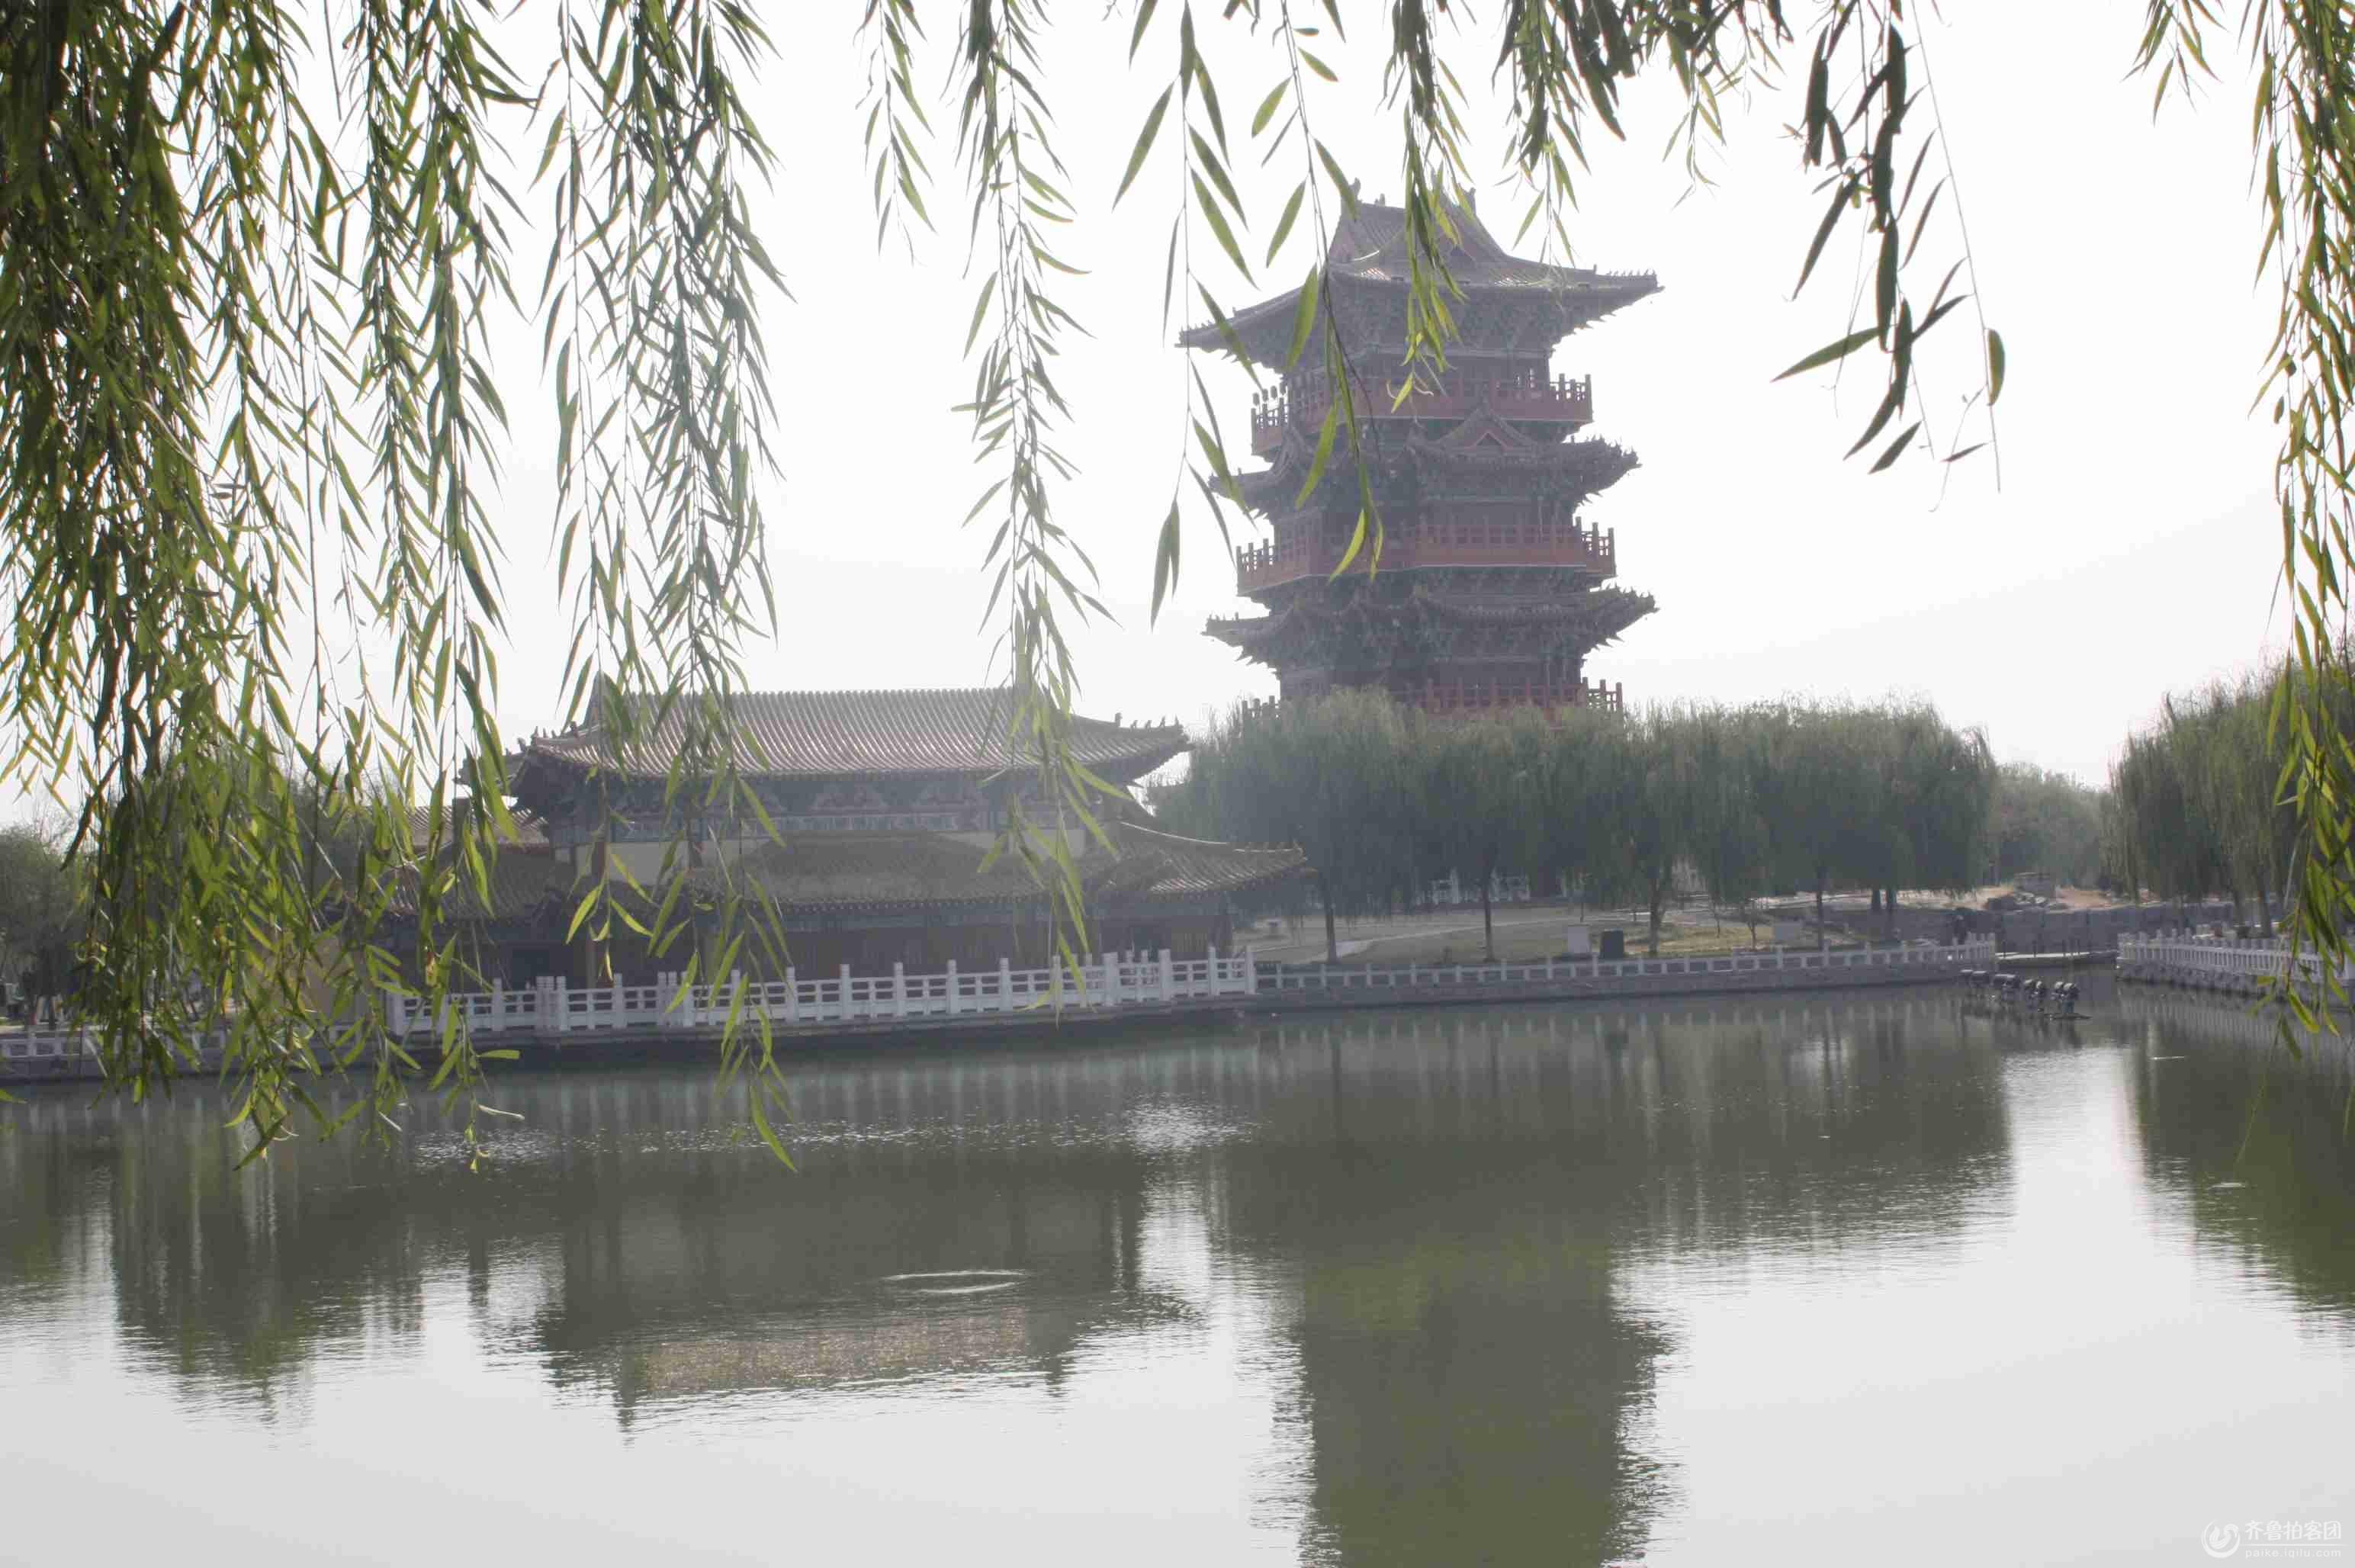 开封风光 - 菏泽拍客 - 齐鲁社区 - 山东最大的城市